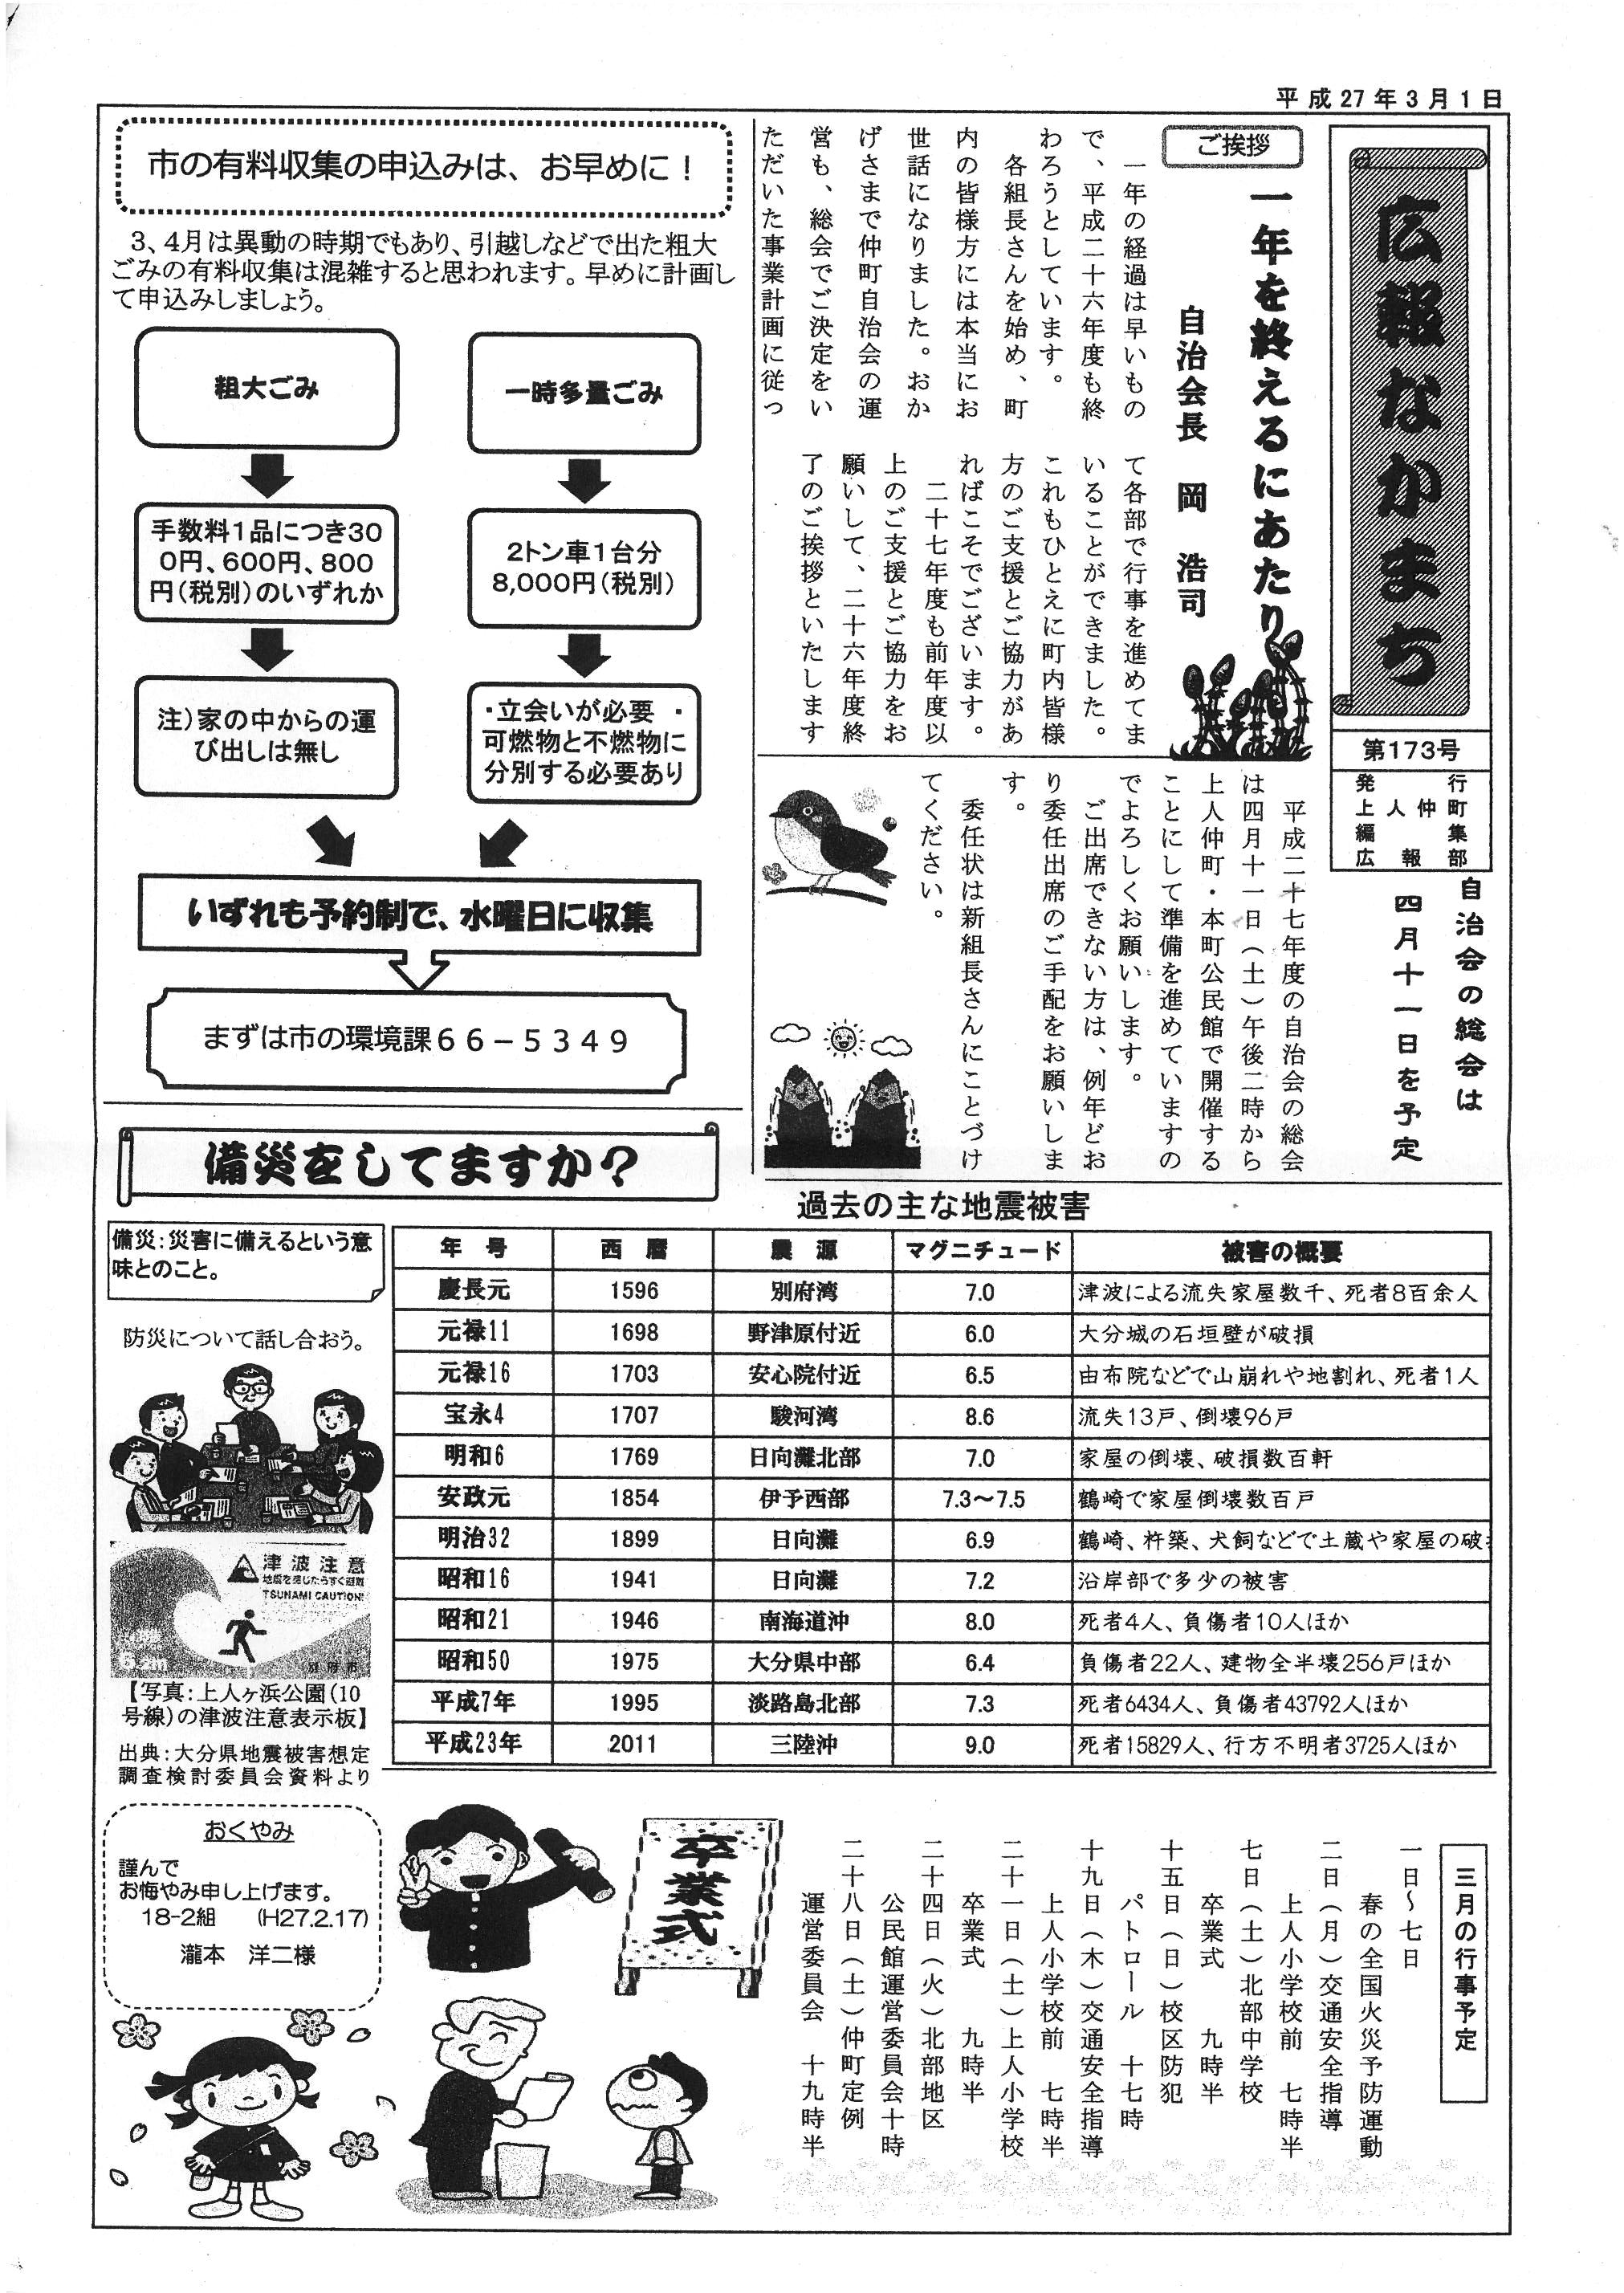 kohonakamachi2015_03